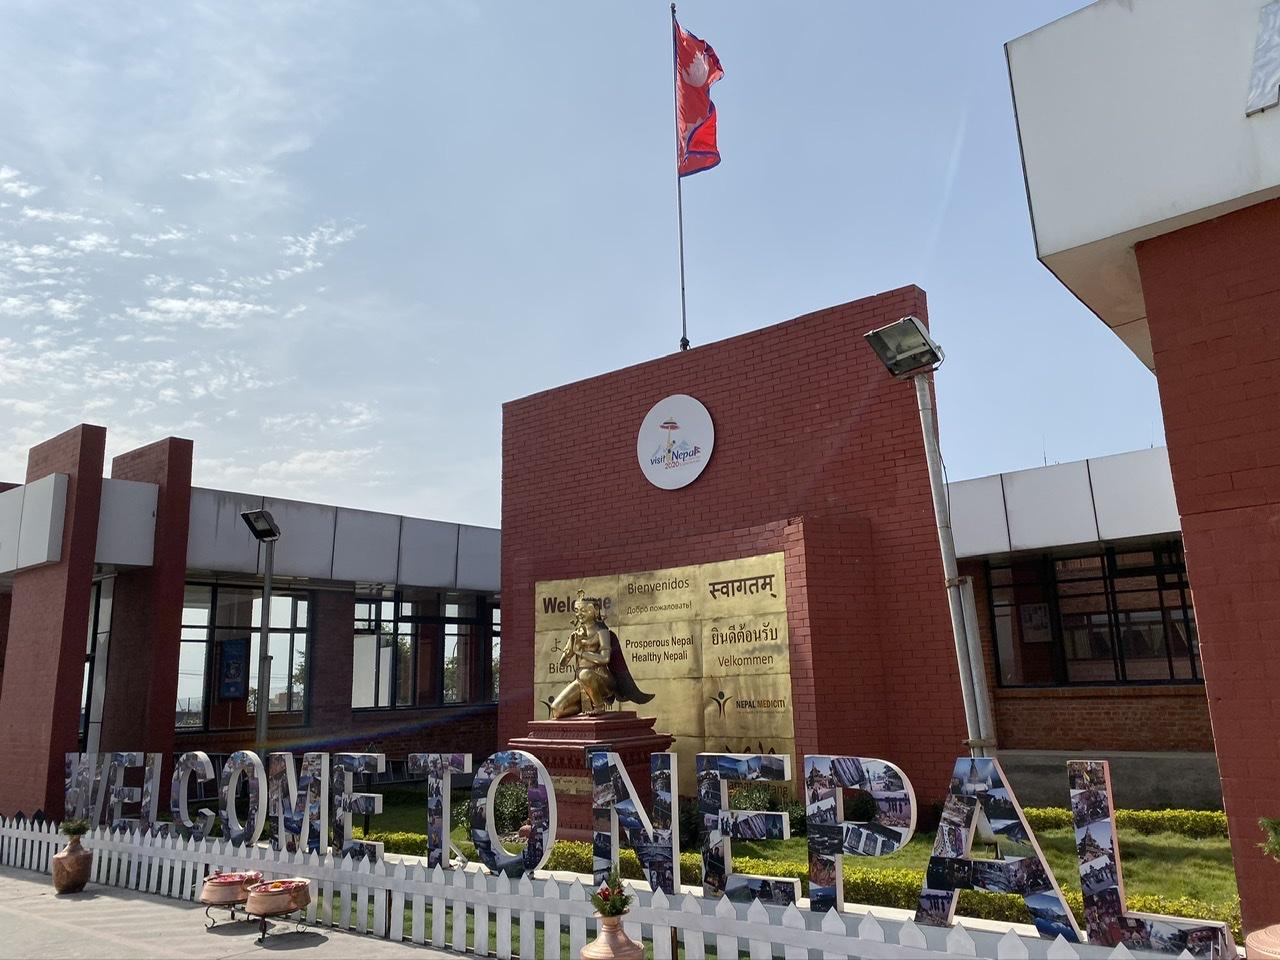 नेपालद्वारा अन्तर्राष्ट्रिय उडान सहित आन्तरिक हवाई उडान बन्द घोषणा